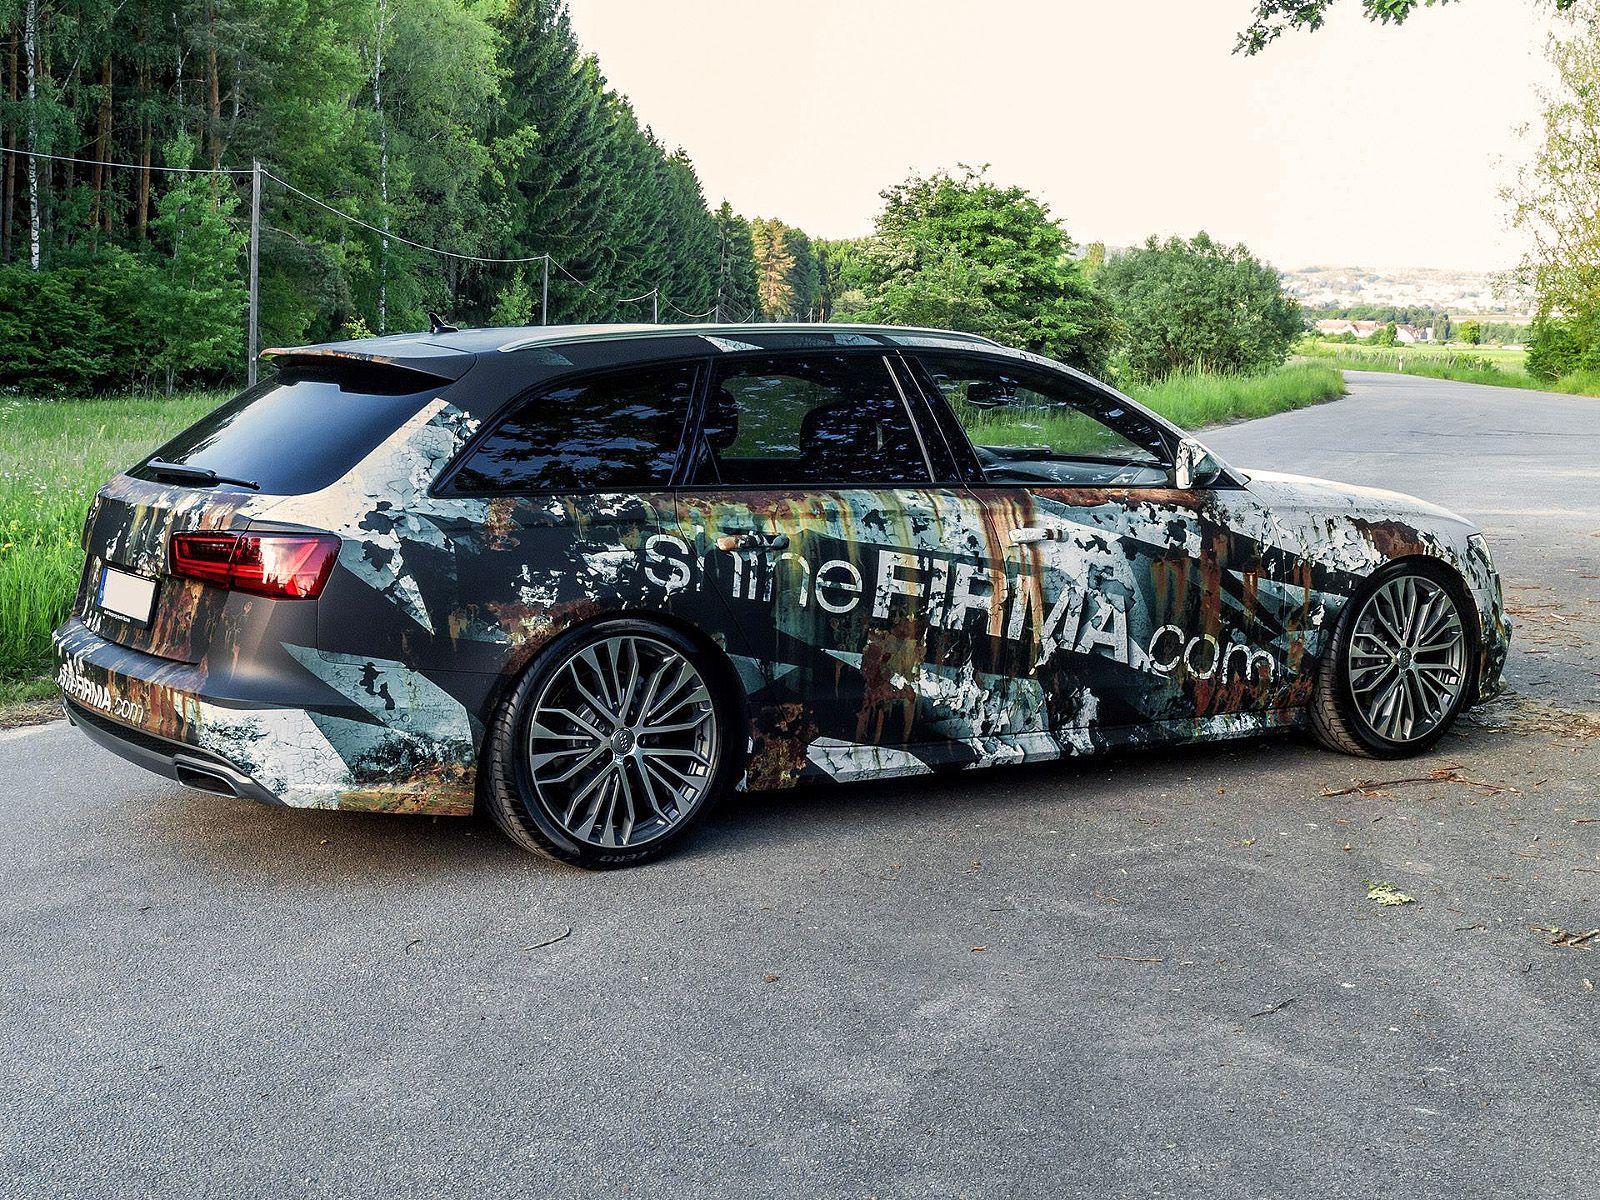 Commercial Graphics For Audi A Avant Cars Pinterest Audi - Audi car commercial